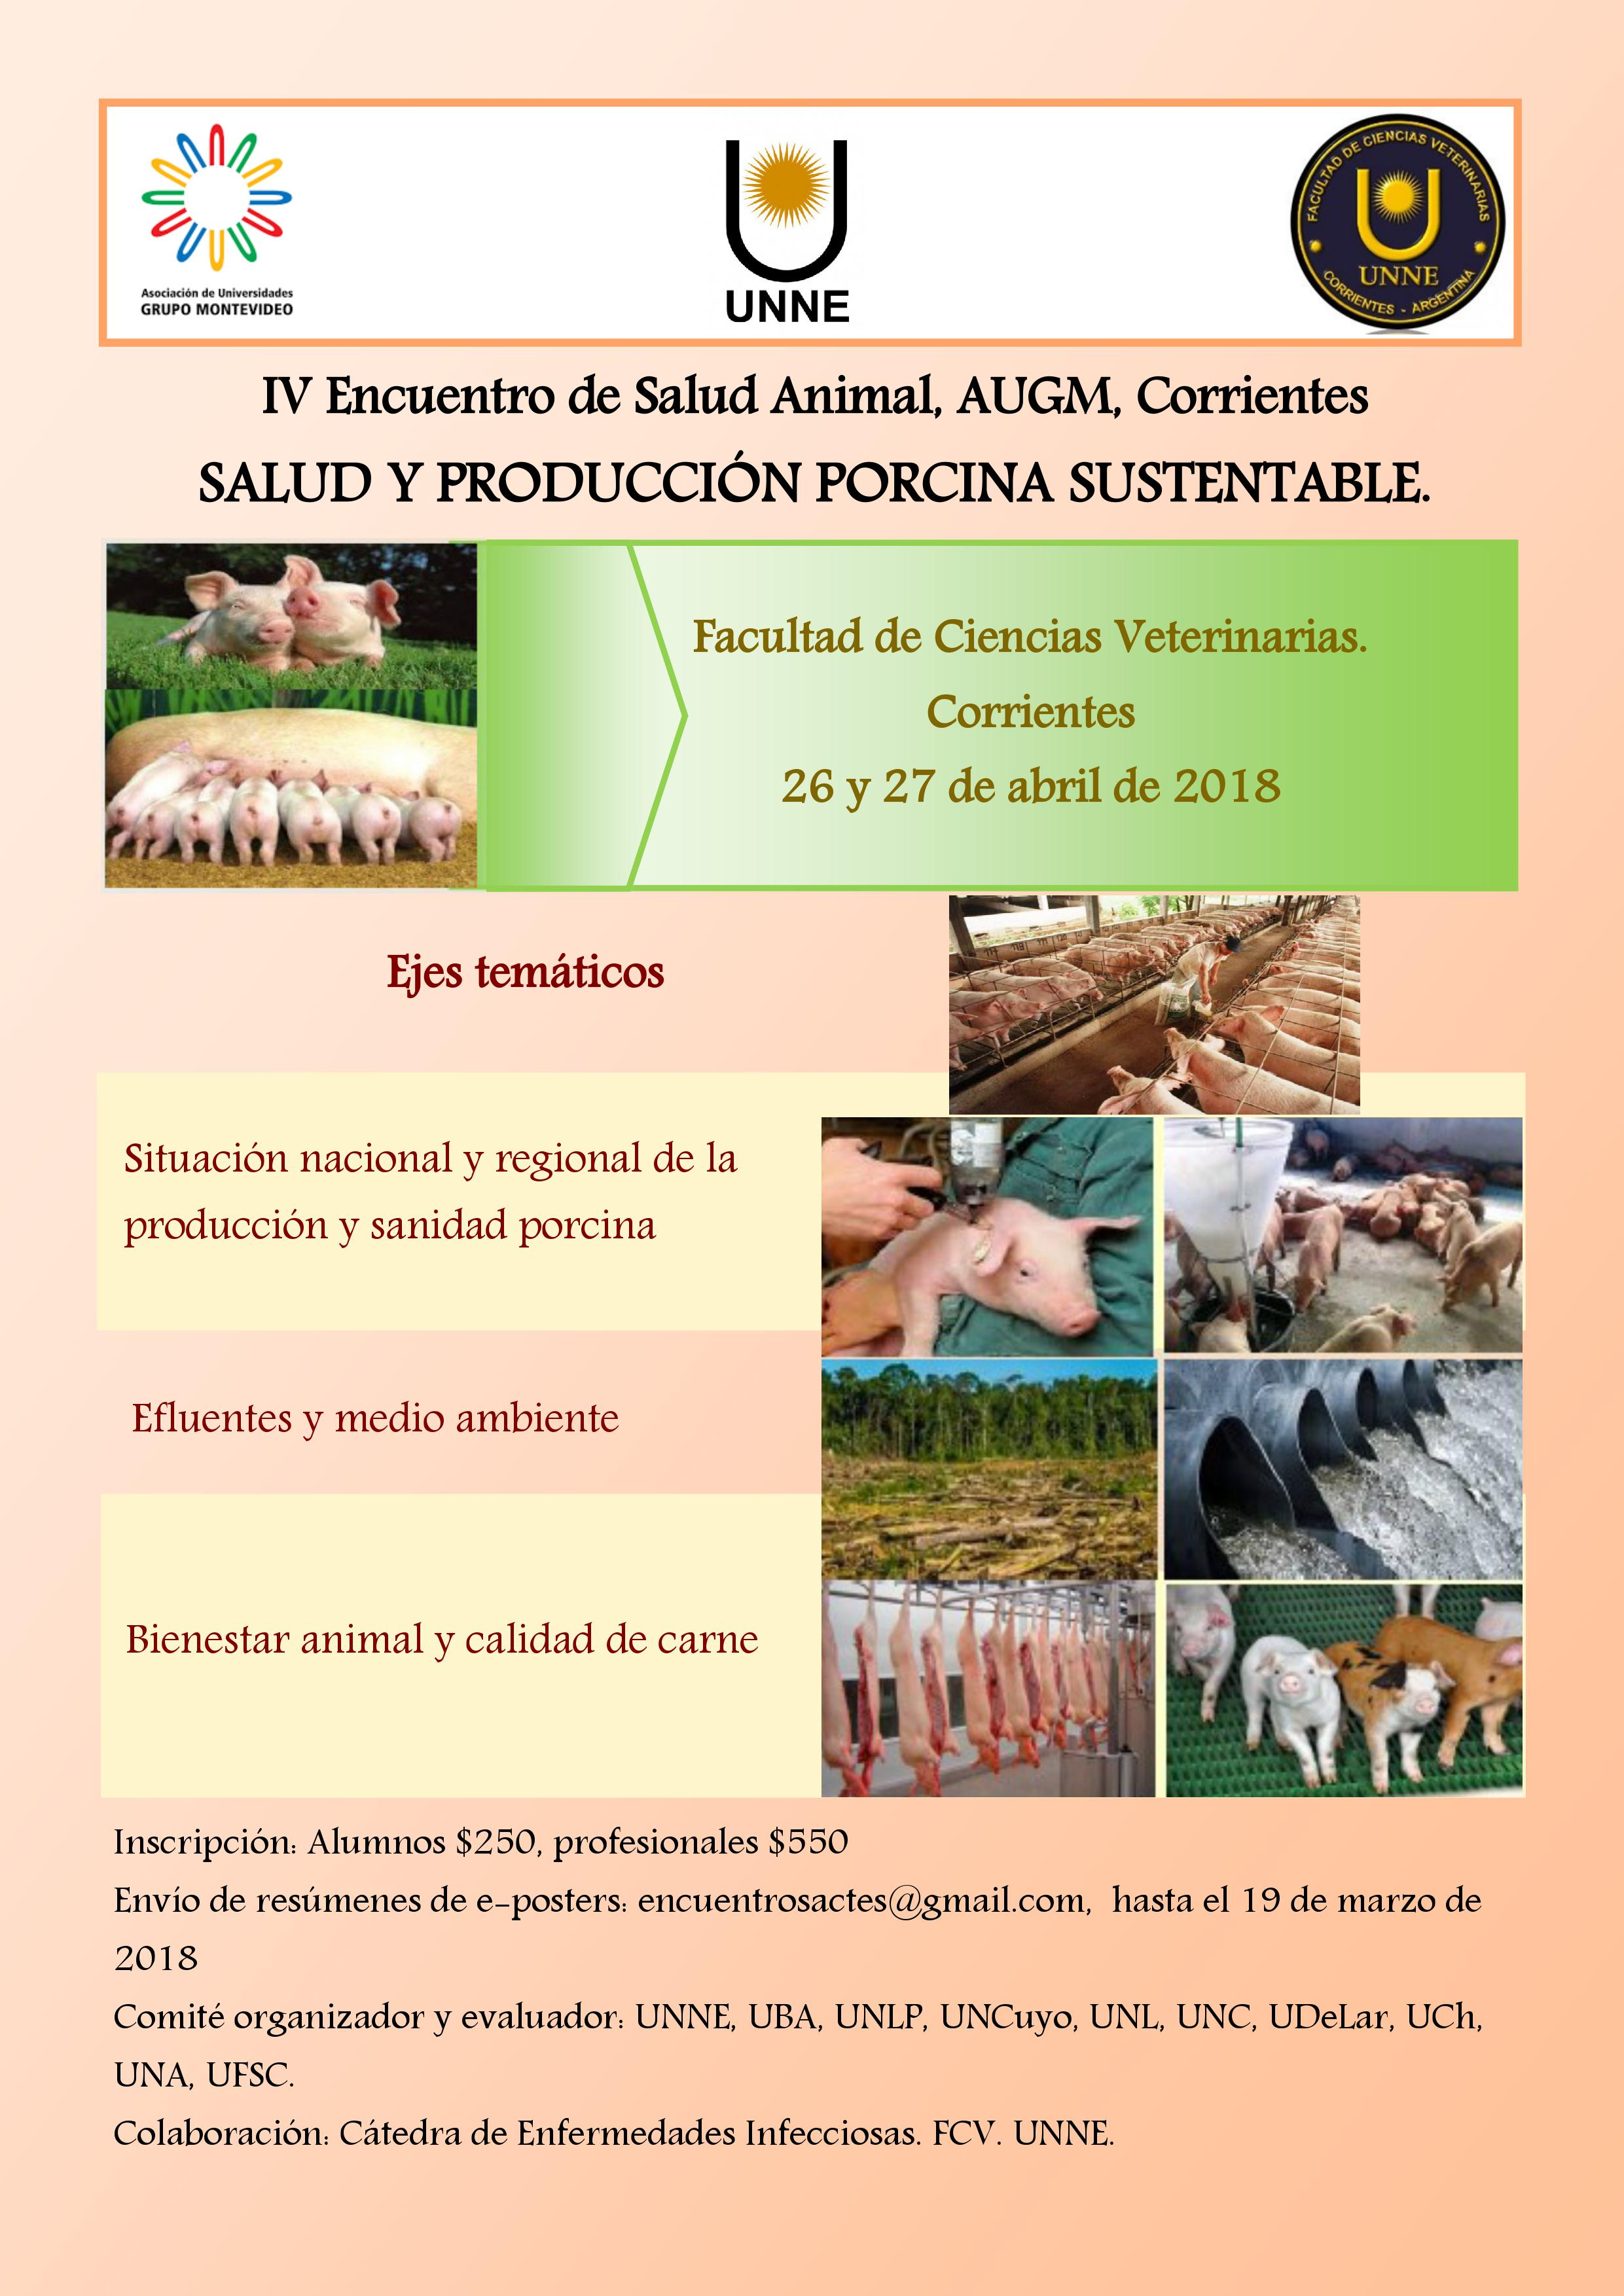 """IV Encuentro de Salud Animal """"SALUD Y PRODUCCIÓN PORCINA SUSTENTABLE"""""""